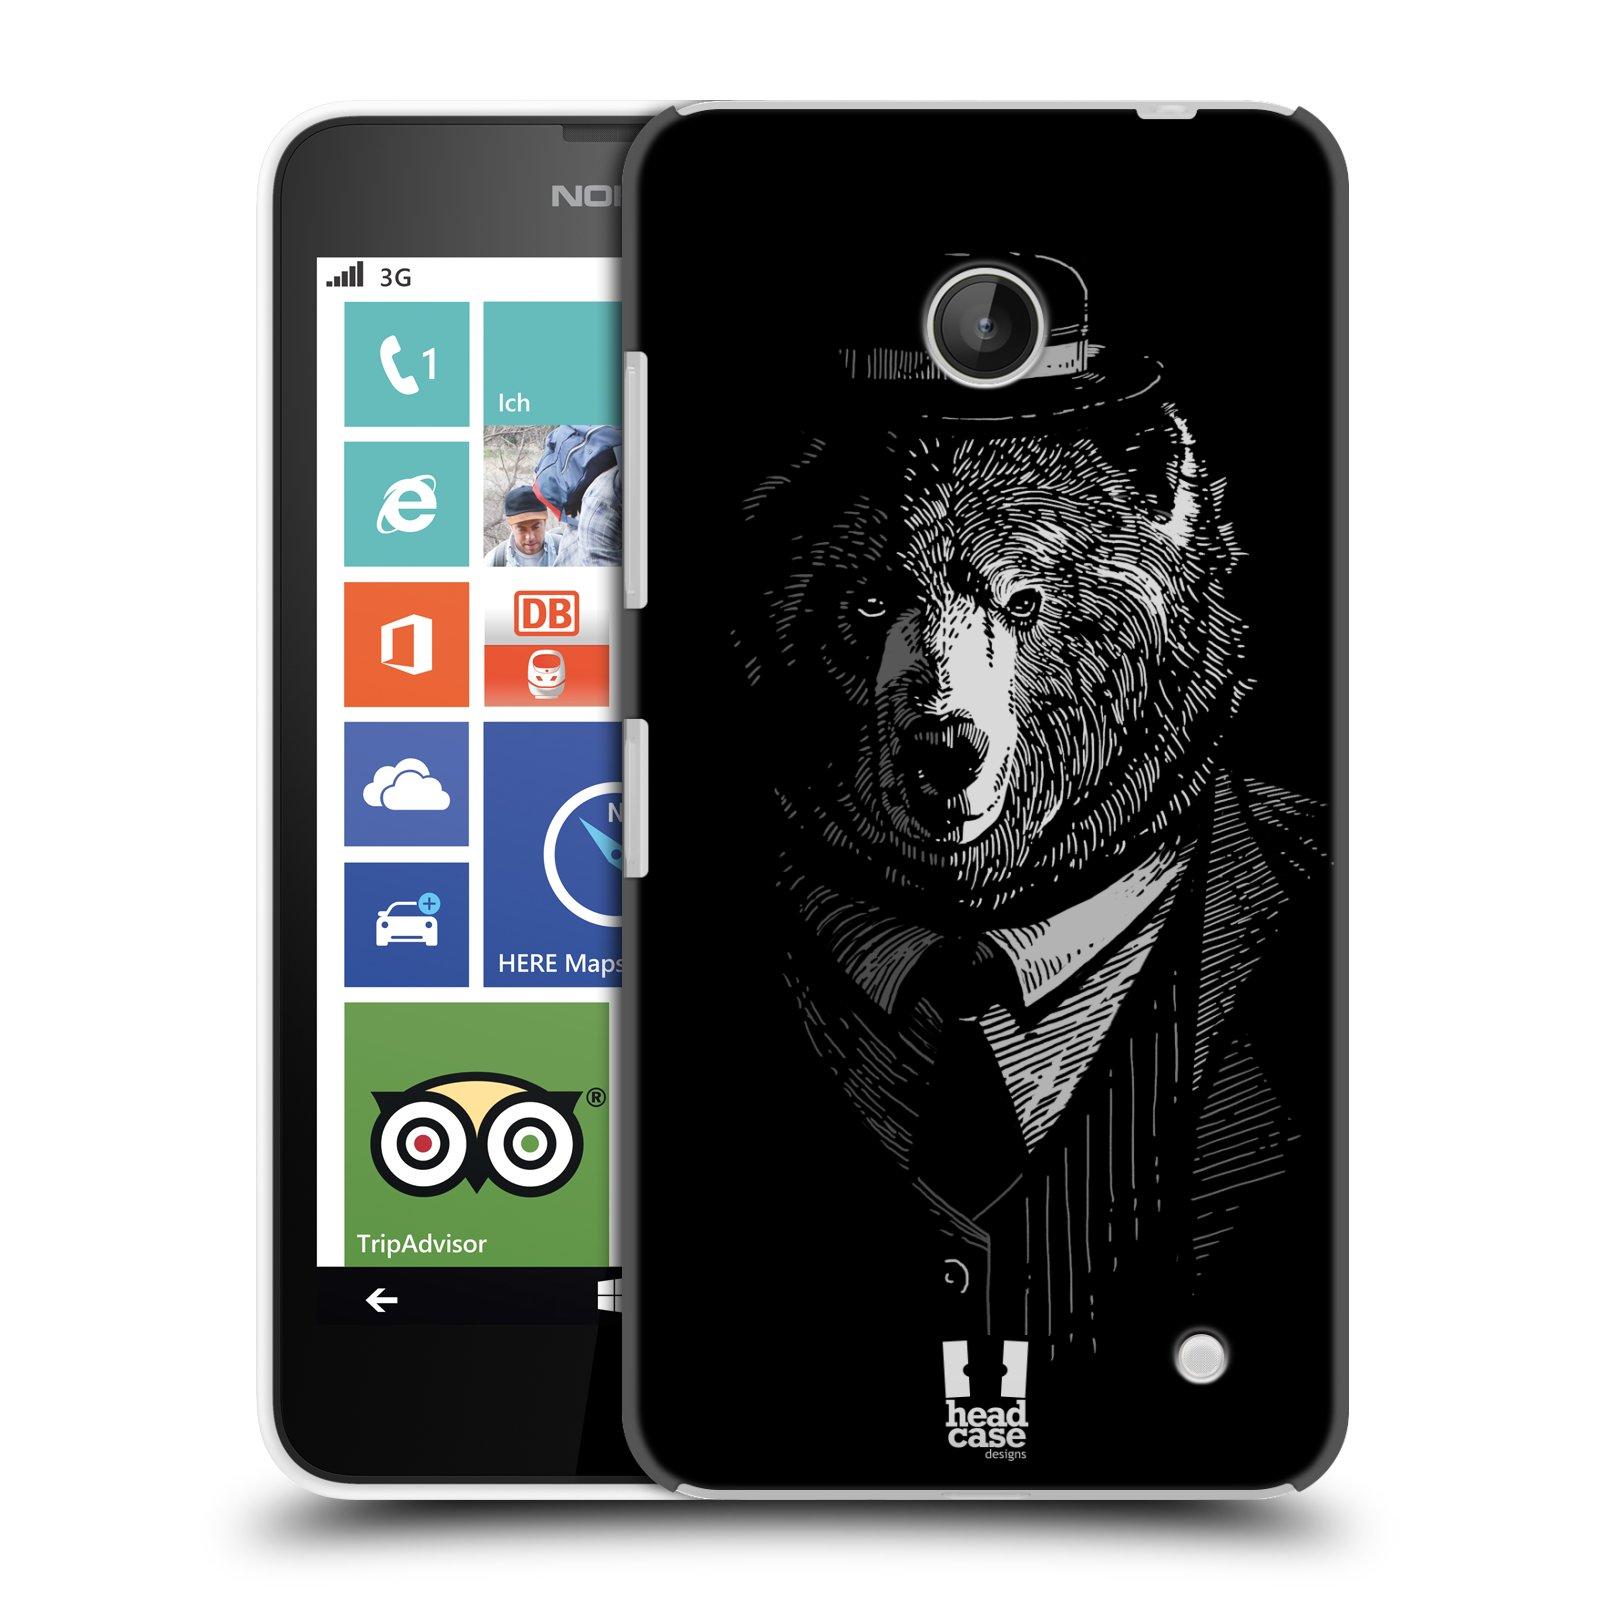 Plastové pouzdro na mobil Nokia Lumia 630 HEAD CASE MEDVĚD V KVÁDRU (Kryt či obal na mobilní telefon Nokia Lumia 630 a Nokia Lumia 630 Dual SIM)